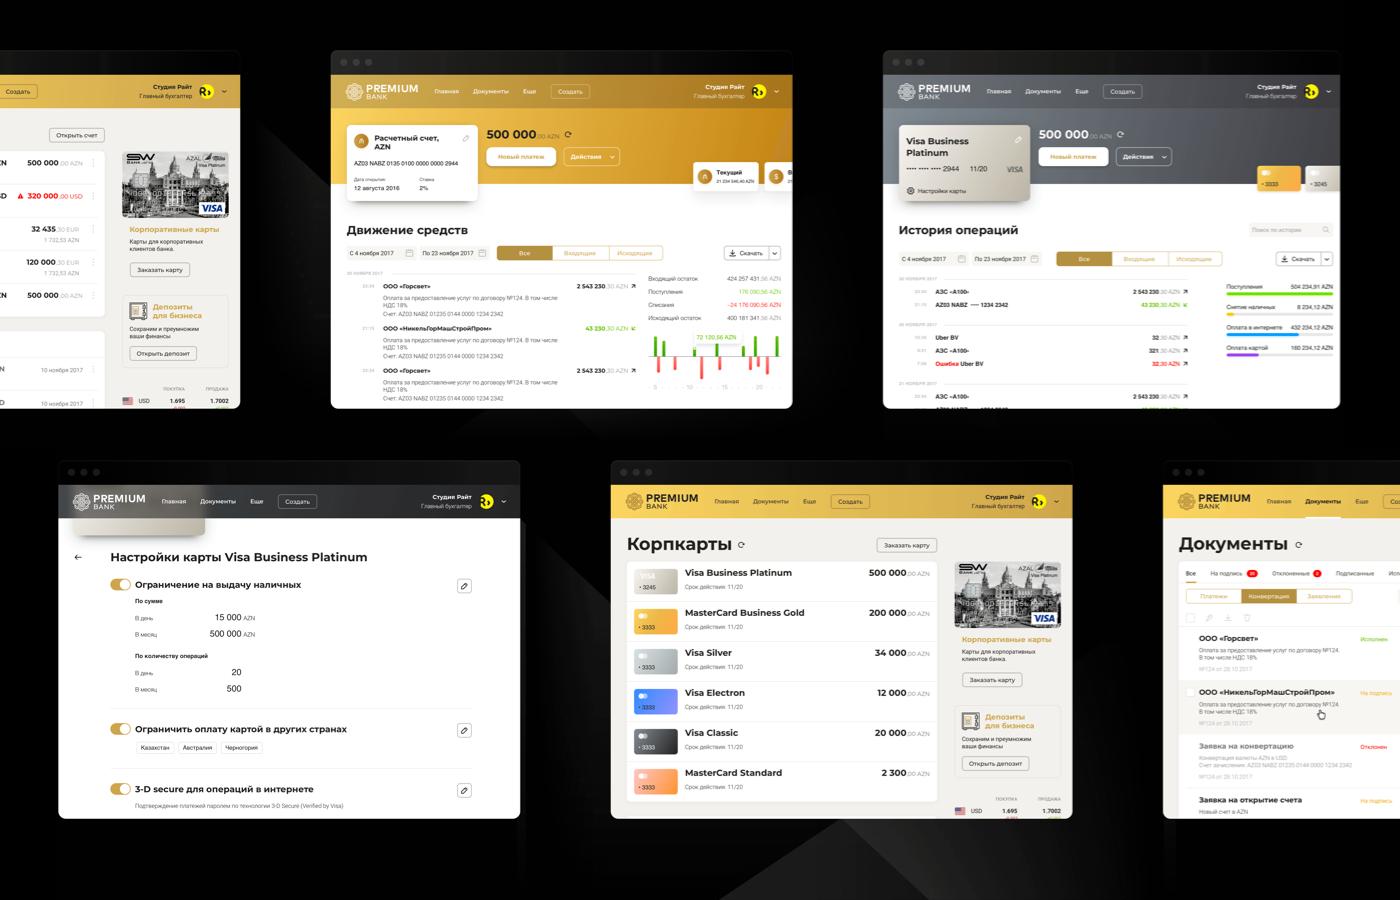 Показаны скриншоты разделов интернет-банка SilkWay Bank для юридических лиц: настройки, счета, движение средств и история операций